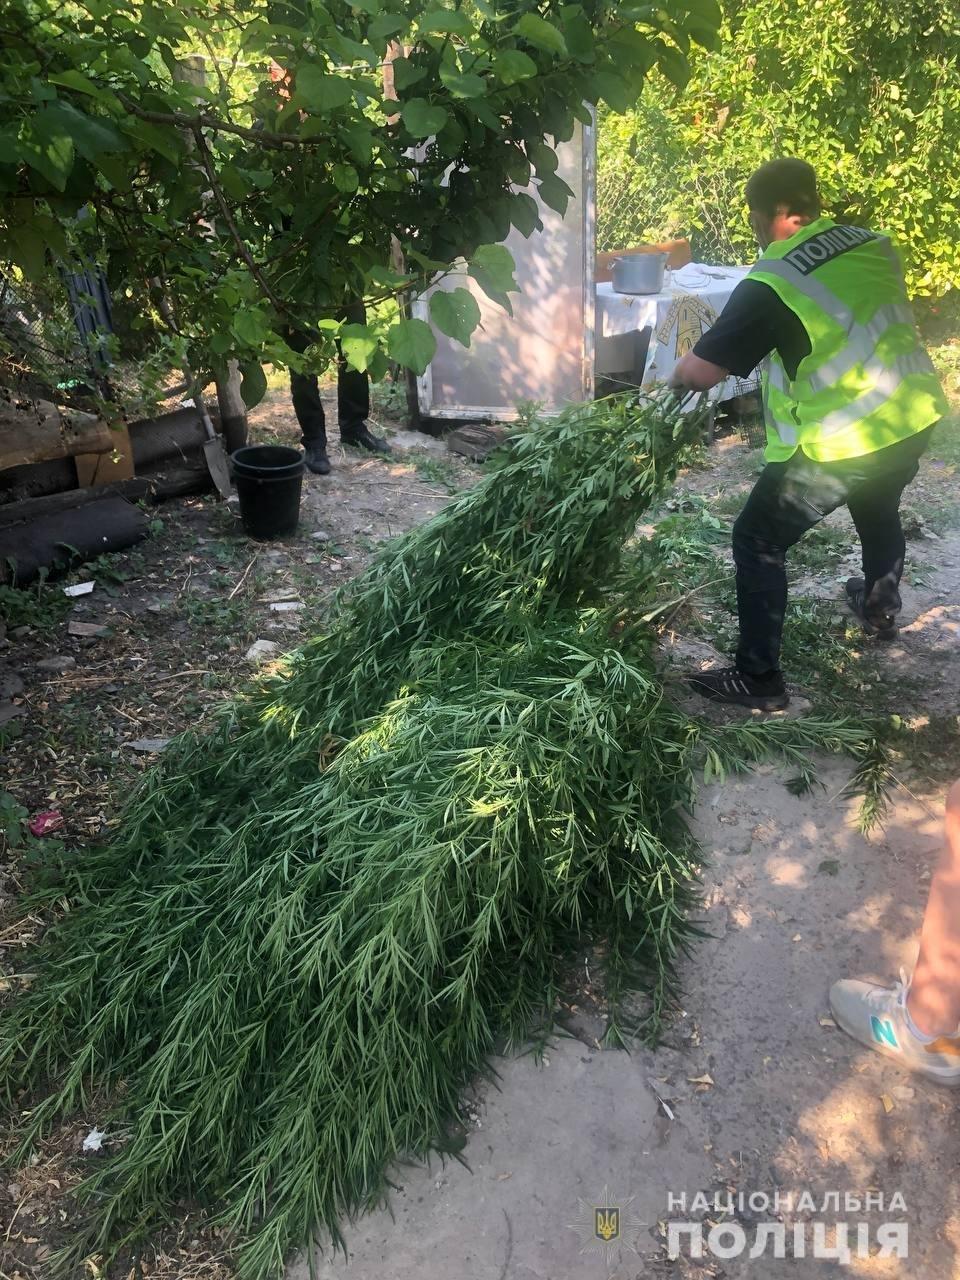 Высадил между кукурузой, поливал и окучивал: на Харьковщине полицейские «накрыли» плантацию наркотиков, - ФОТО, фото-2